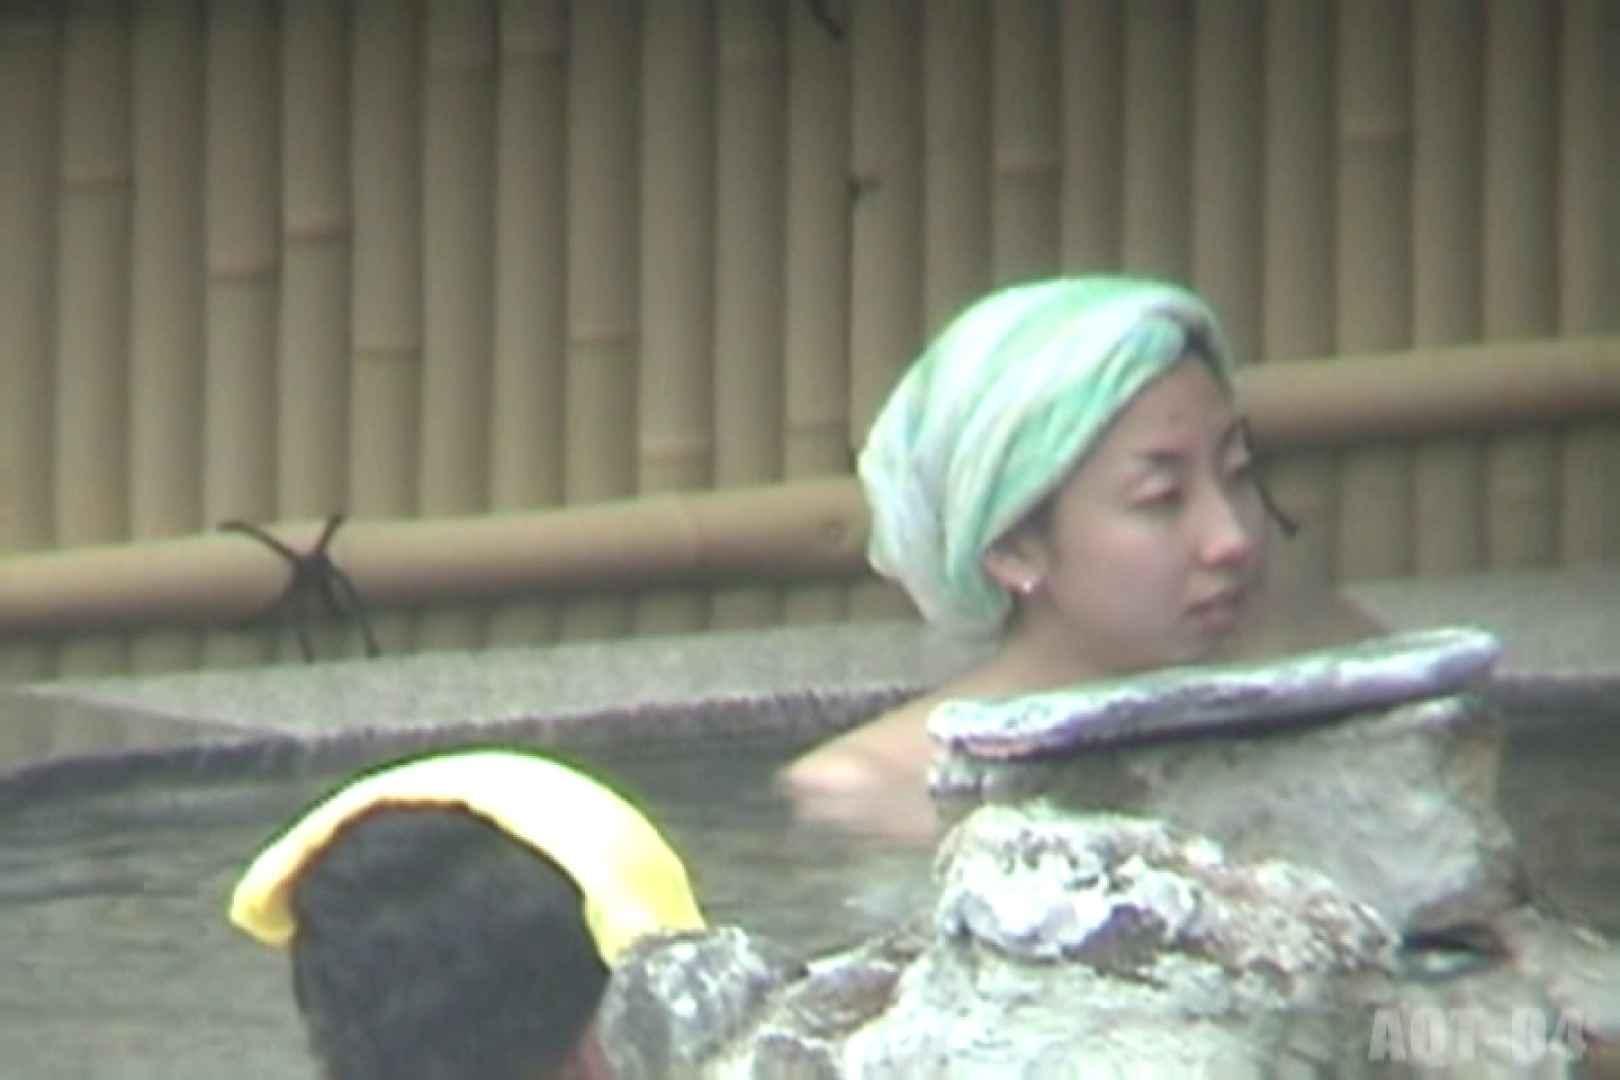 Aquaな露天風呂Vol.739 美しいOLの裸体 隠し撮りオマンコ動画紹介 88pic 20